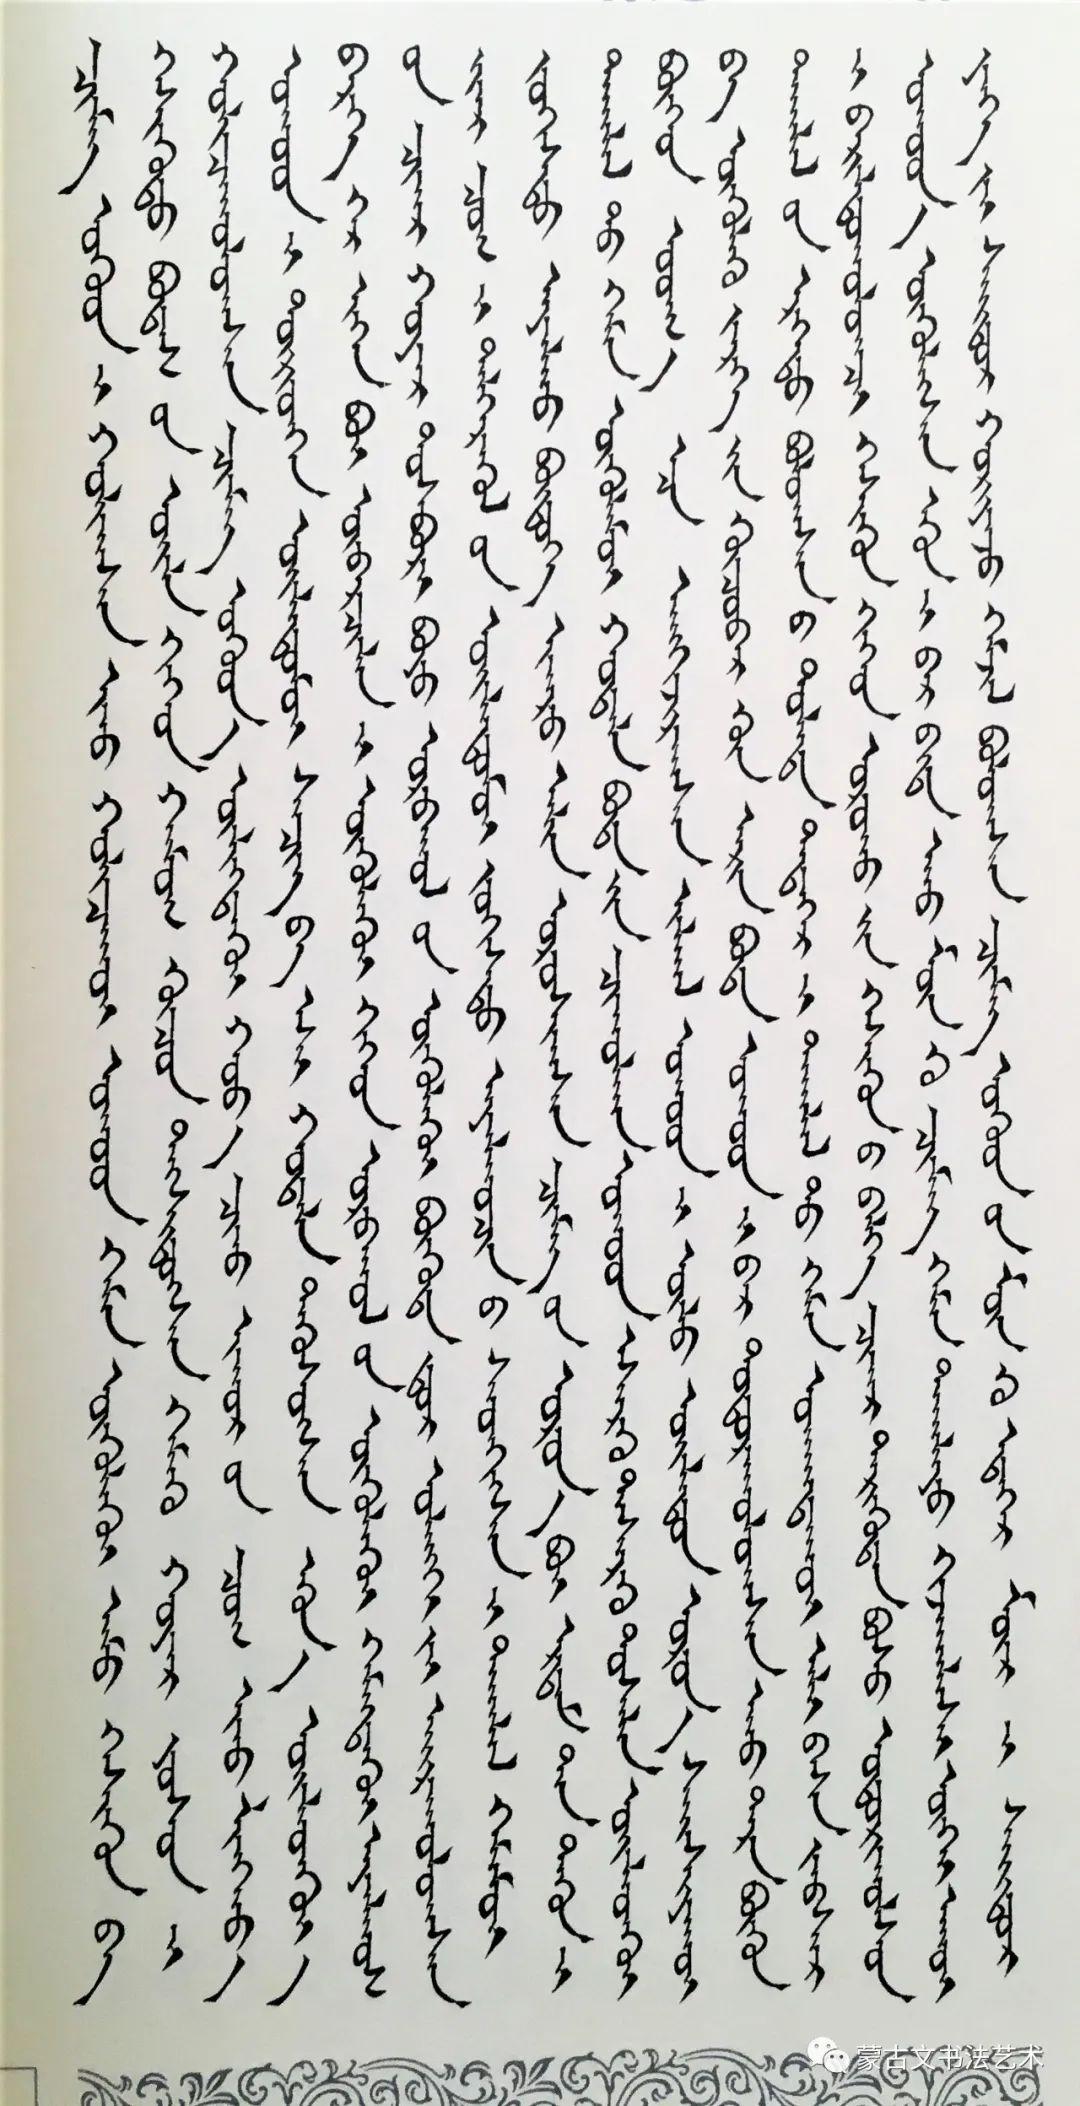 戴海琴楷书《诗镜论》 第3张 戴海琴楷书《诗镜论》 蒙古书法